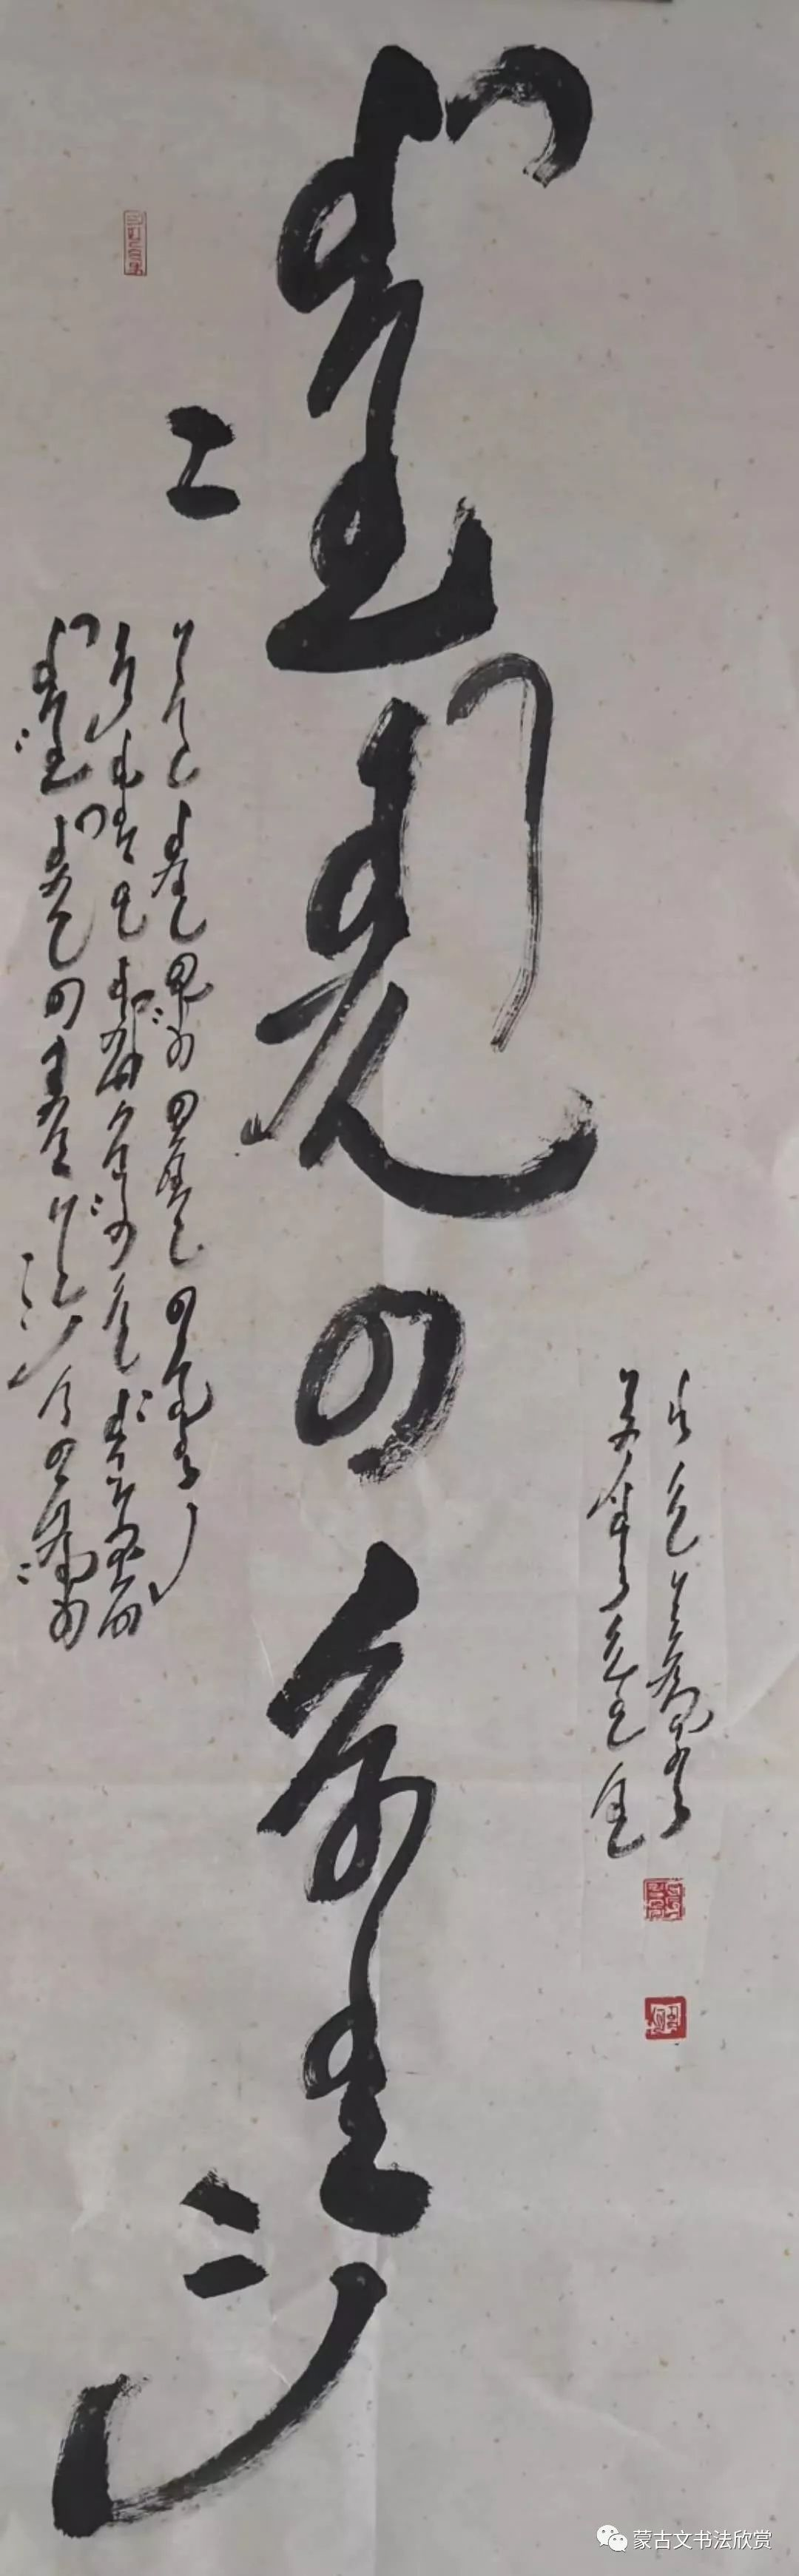 蒙古文书法欣赏——七斤 第11张